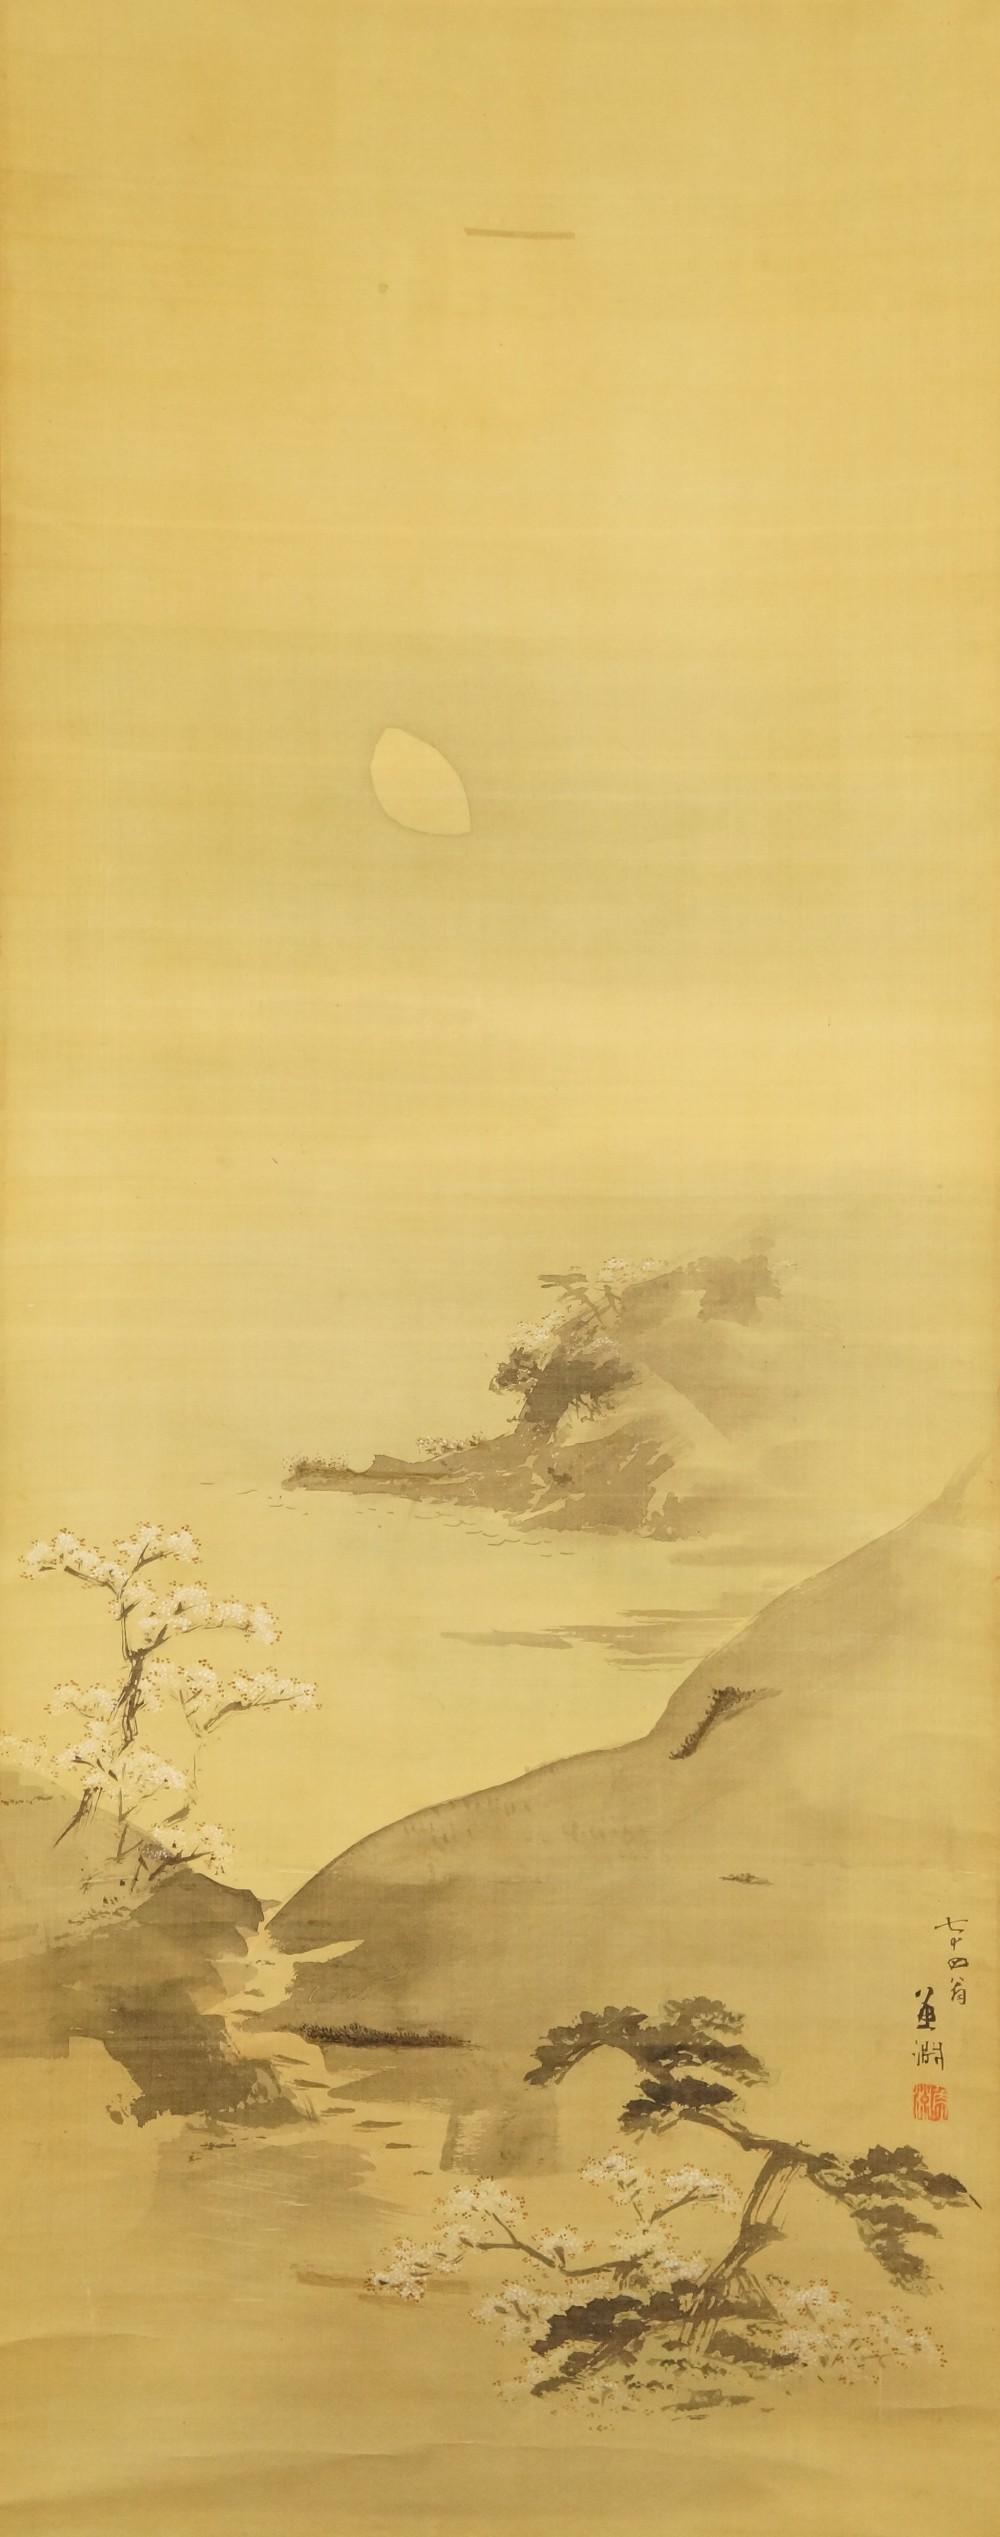 Landschaft im Mondlicht - japanisches Rollgemälde (Kakejiku, Kakemono)